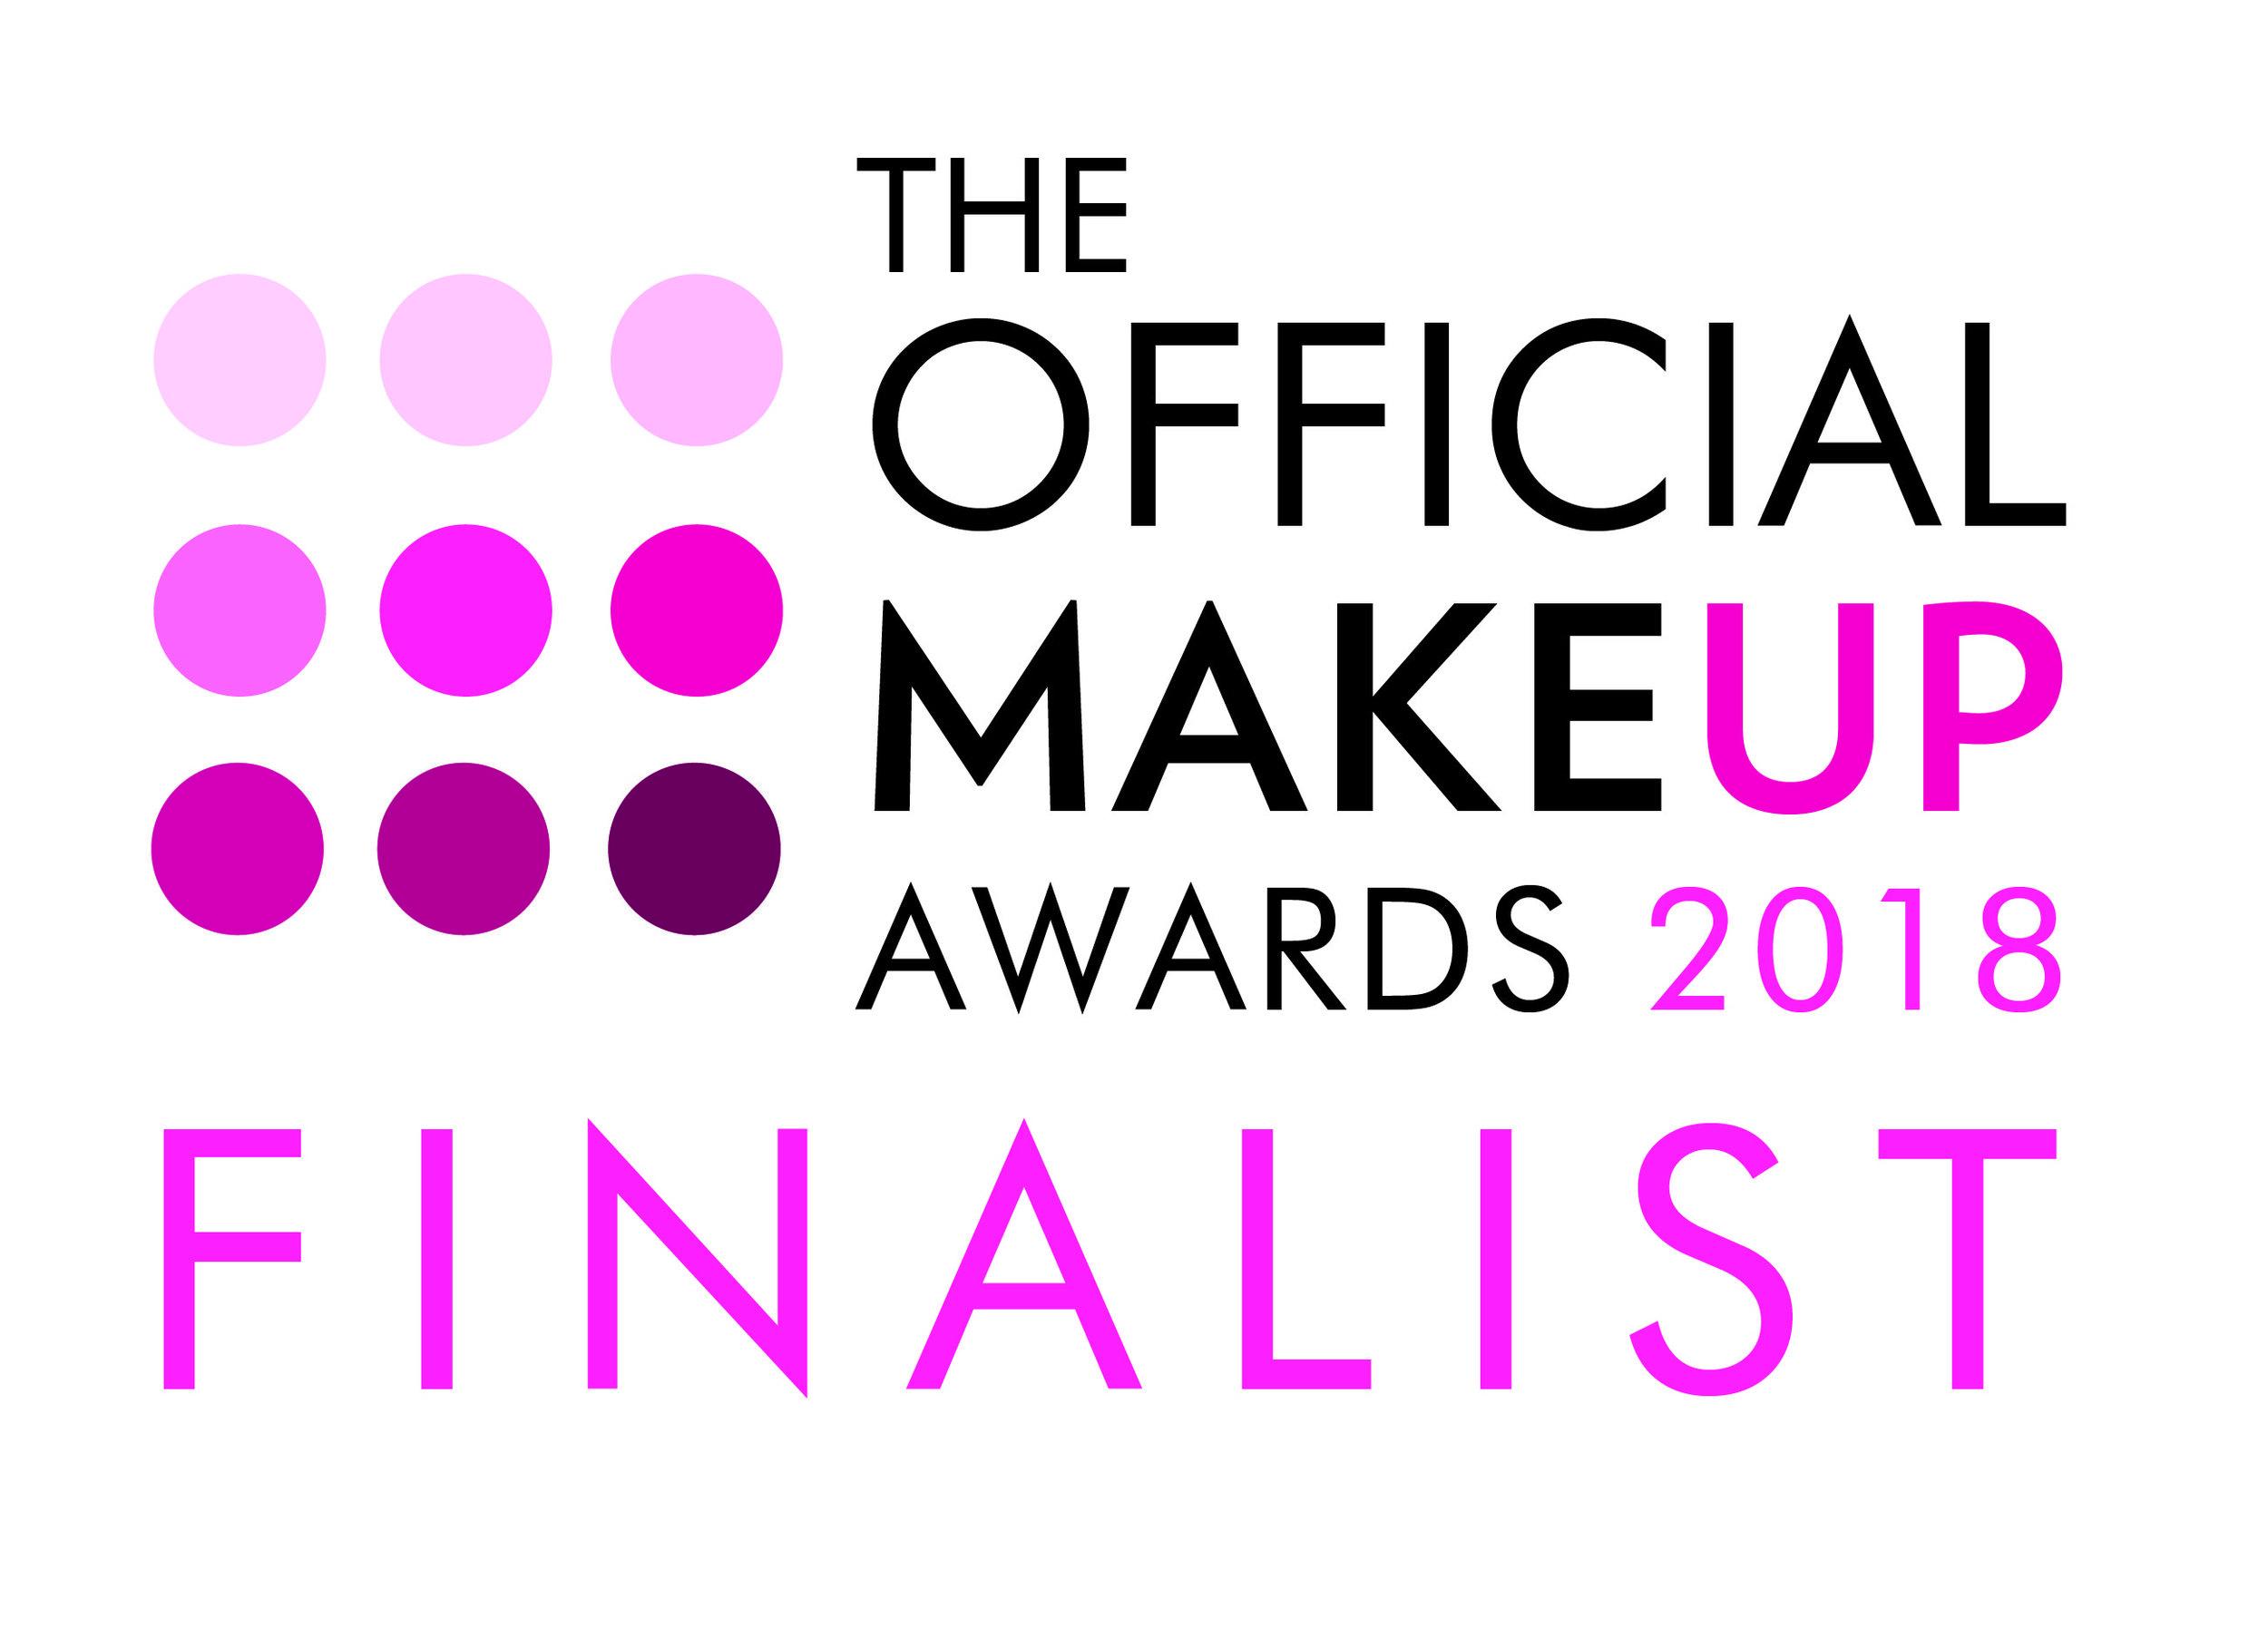 Finalist Logo  The Official Makeup Awards 2018-01.jpg